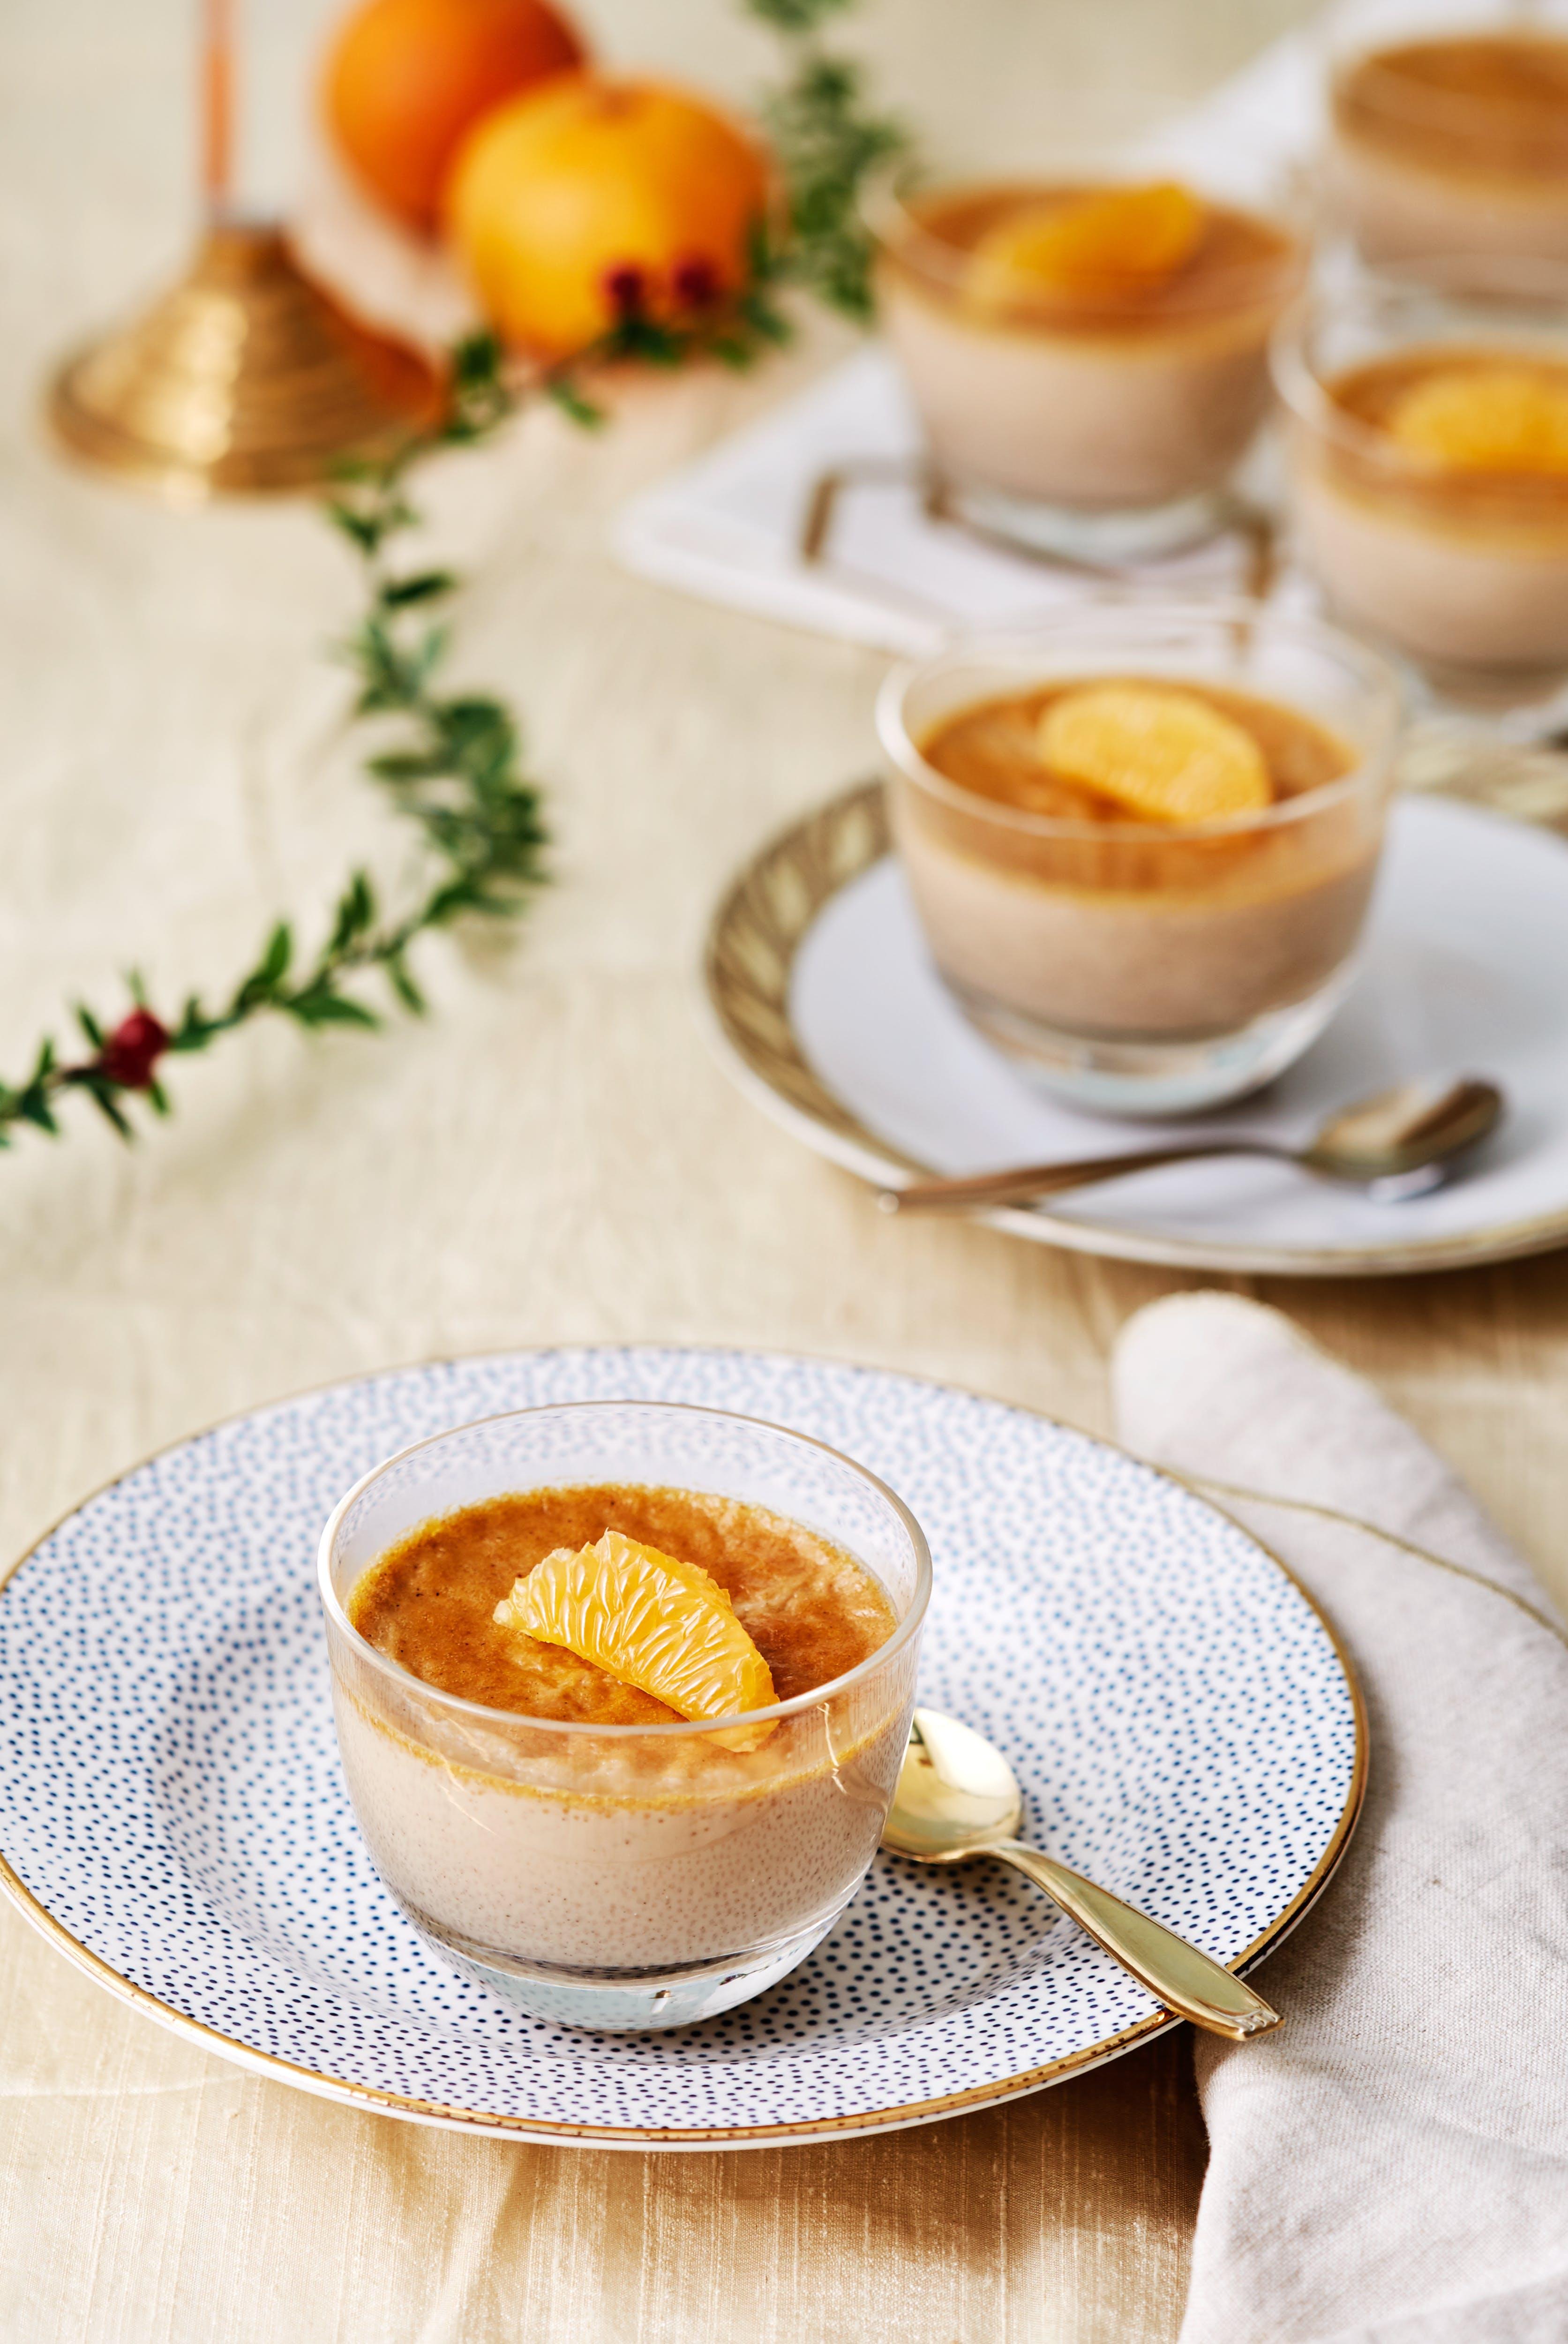 Sockerfri crème brulée med smak av jul